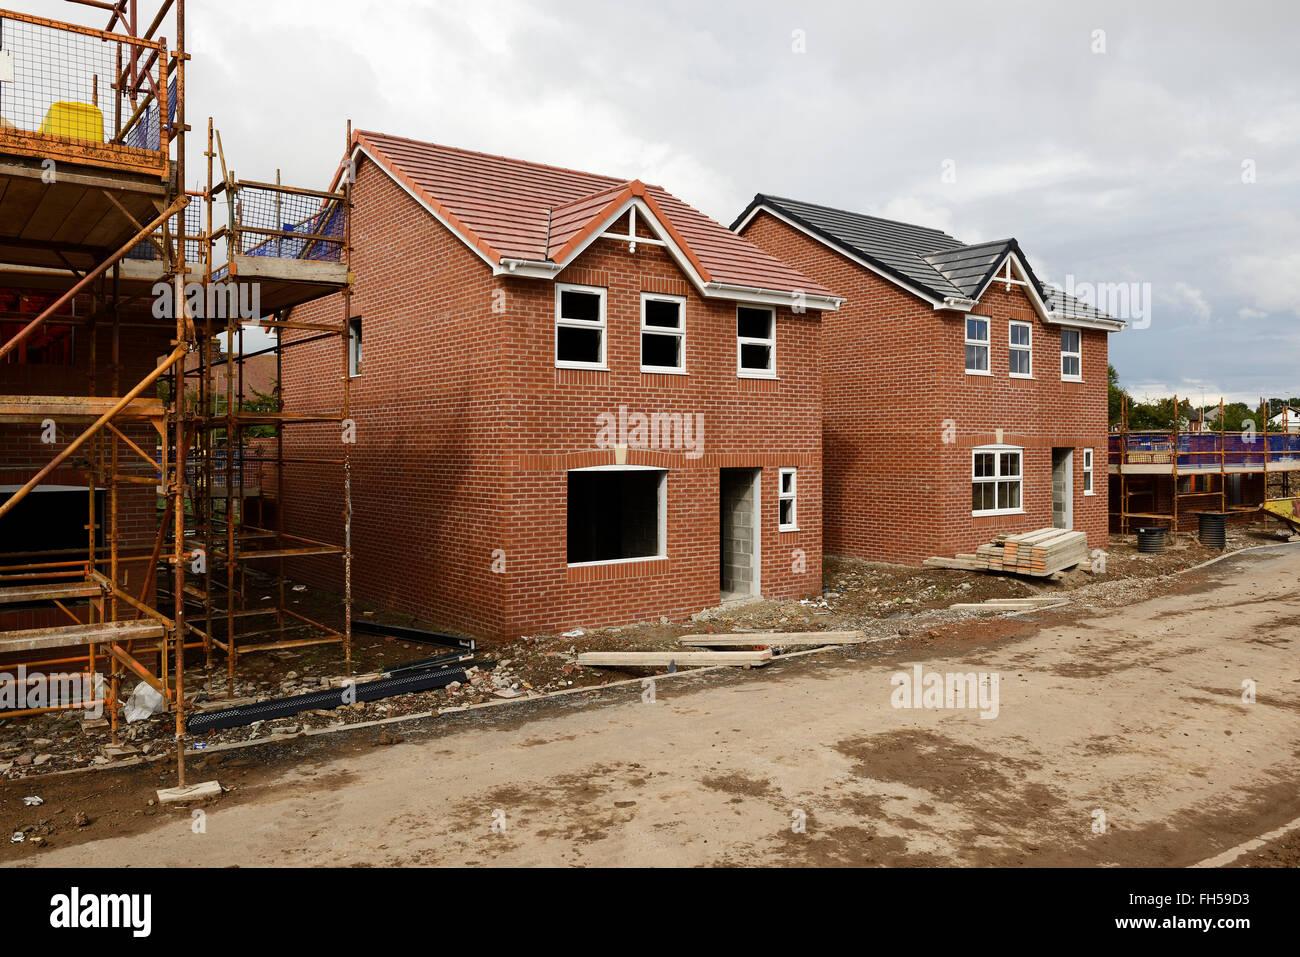 Build immagini build fotos stock alamy for Sito web di costruzione di case